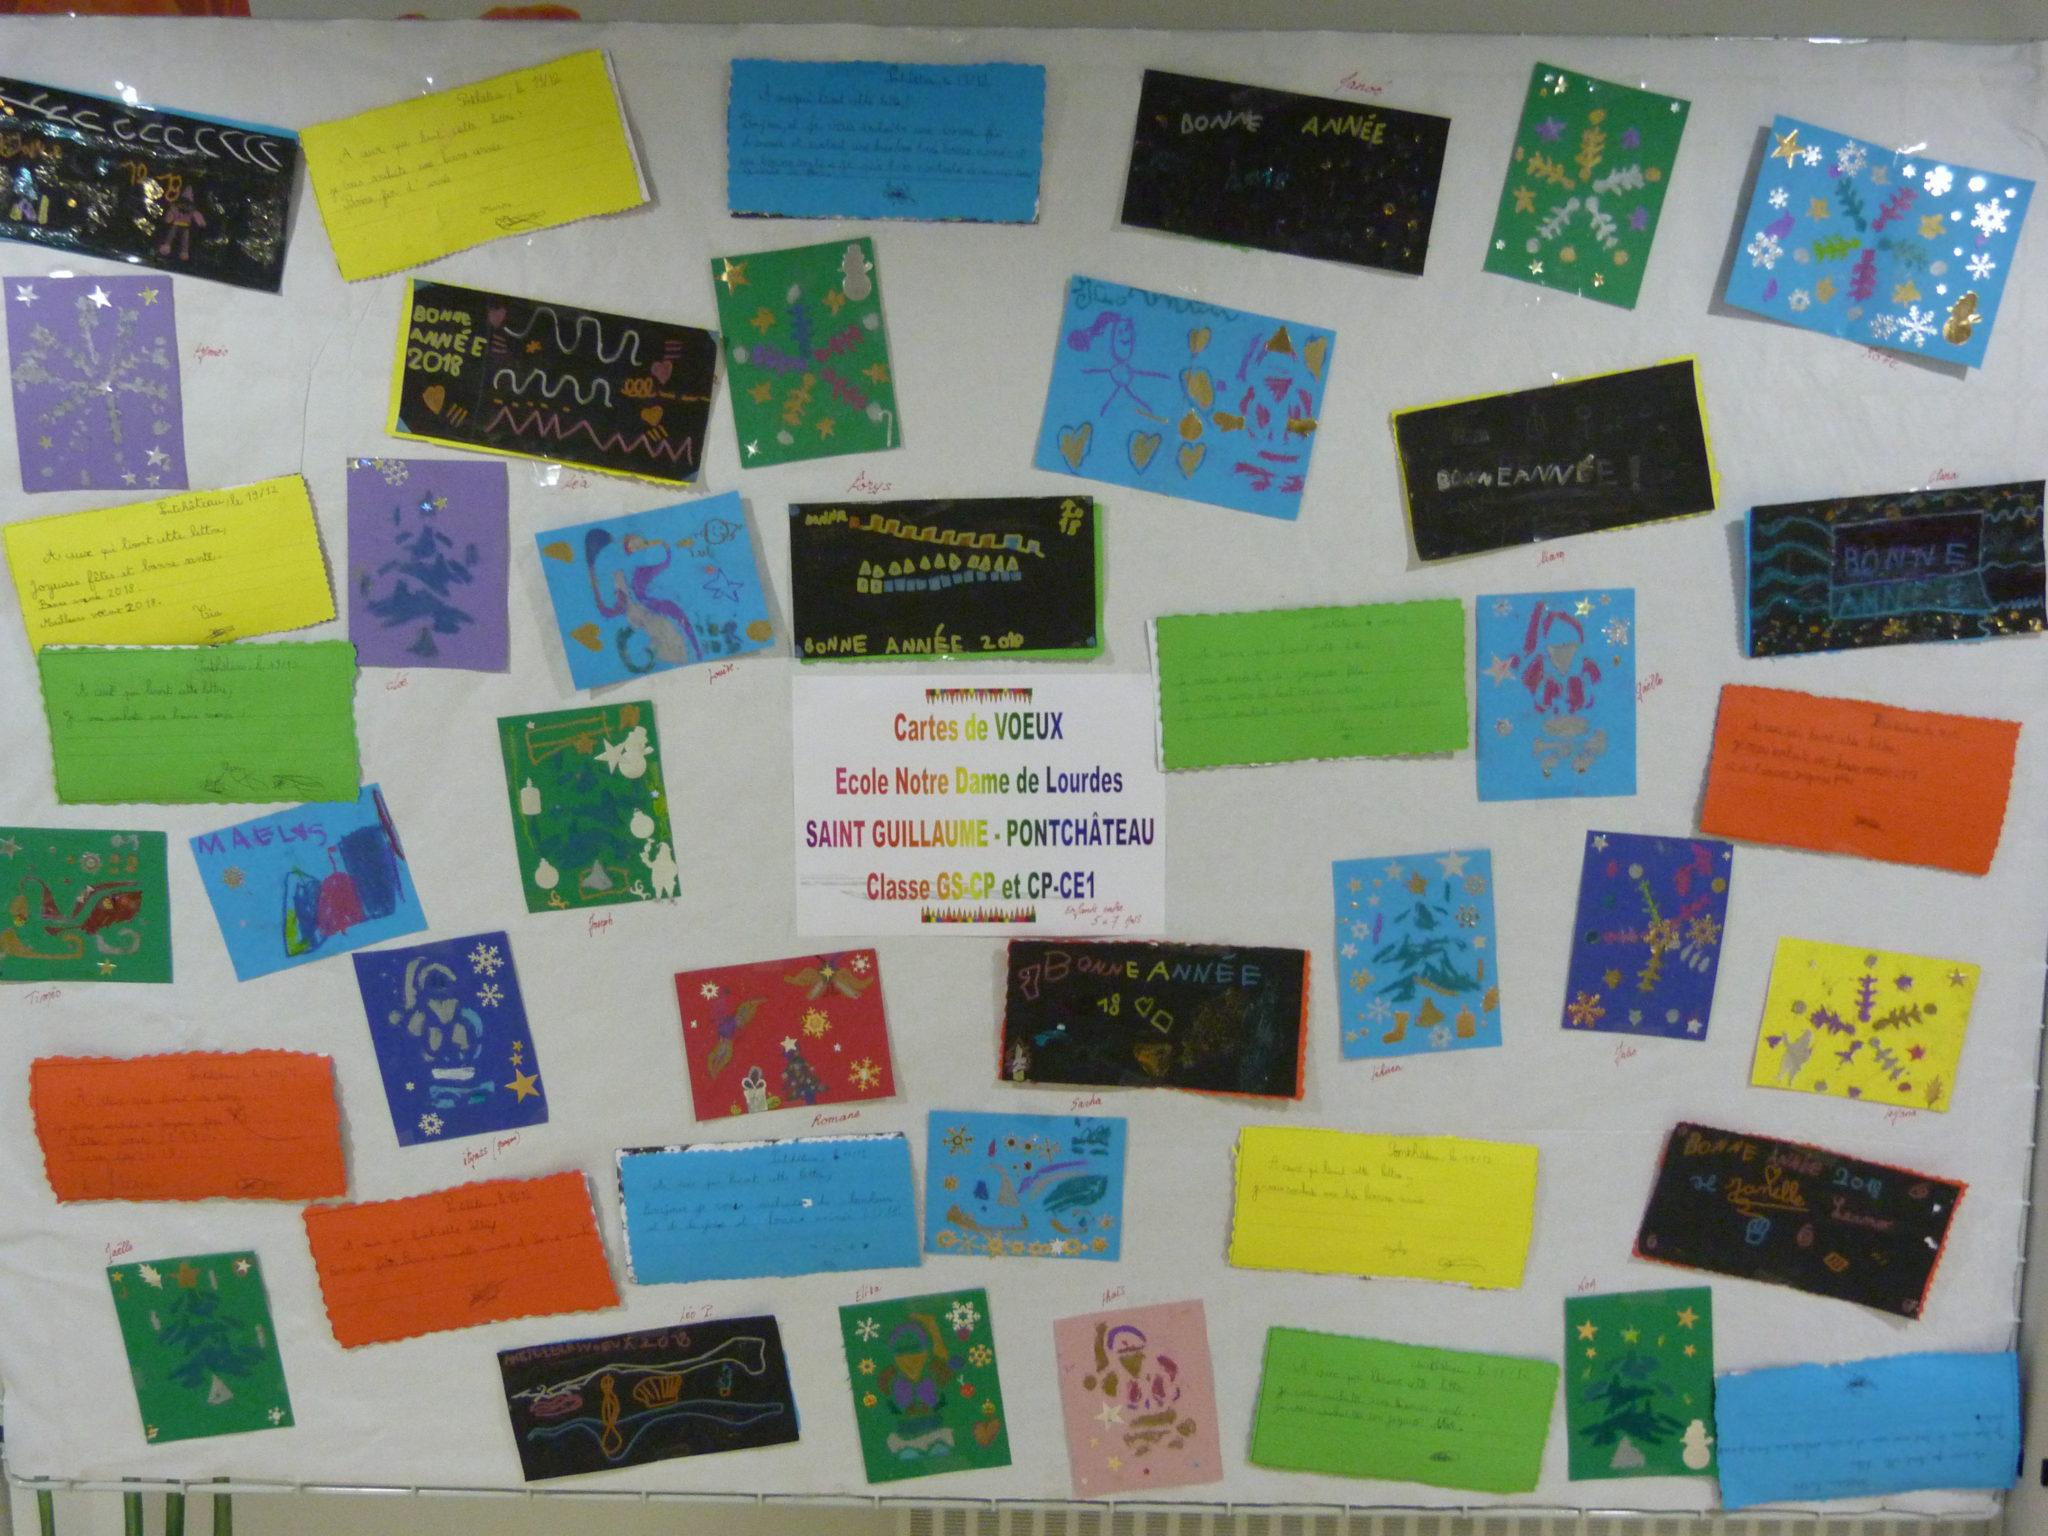 Des Cartes De Vœux « Solidaires » En Gs / Cp Et Cp /ce1 destiné Carte Noel Gs